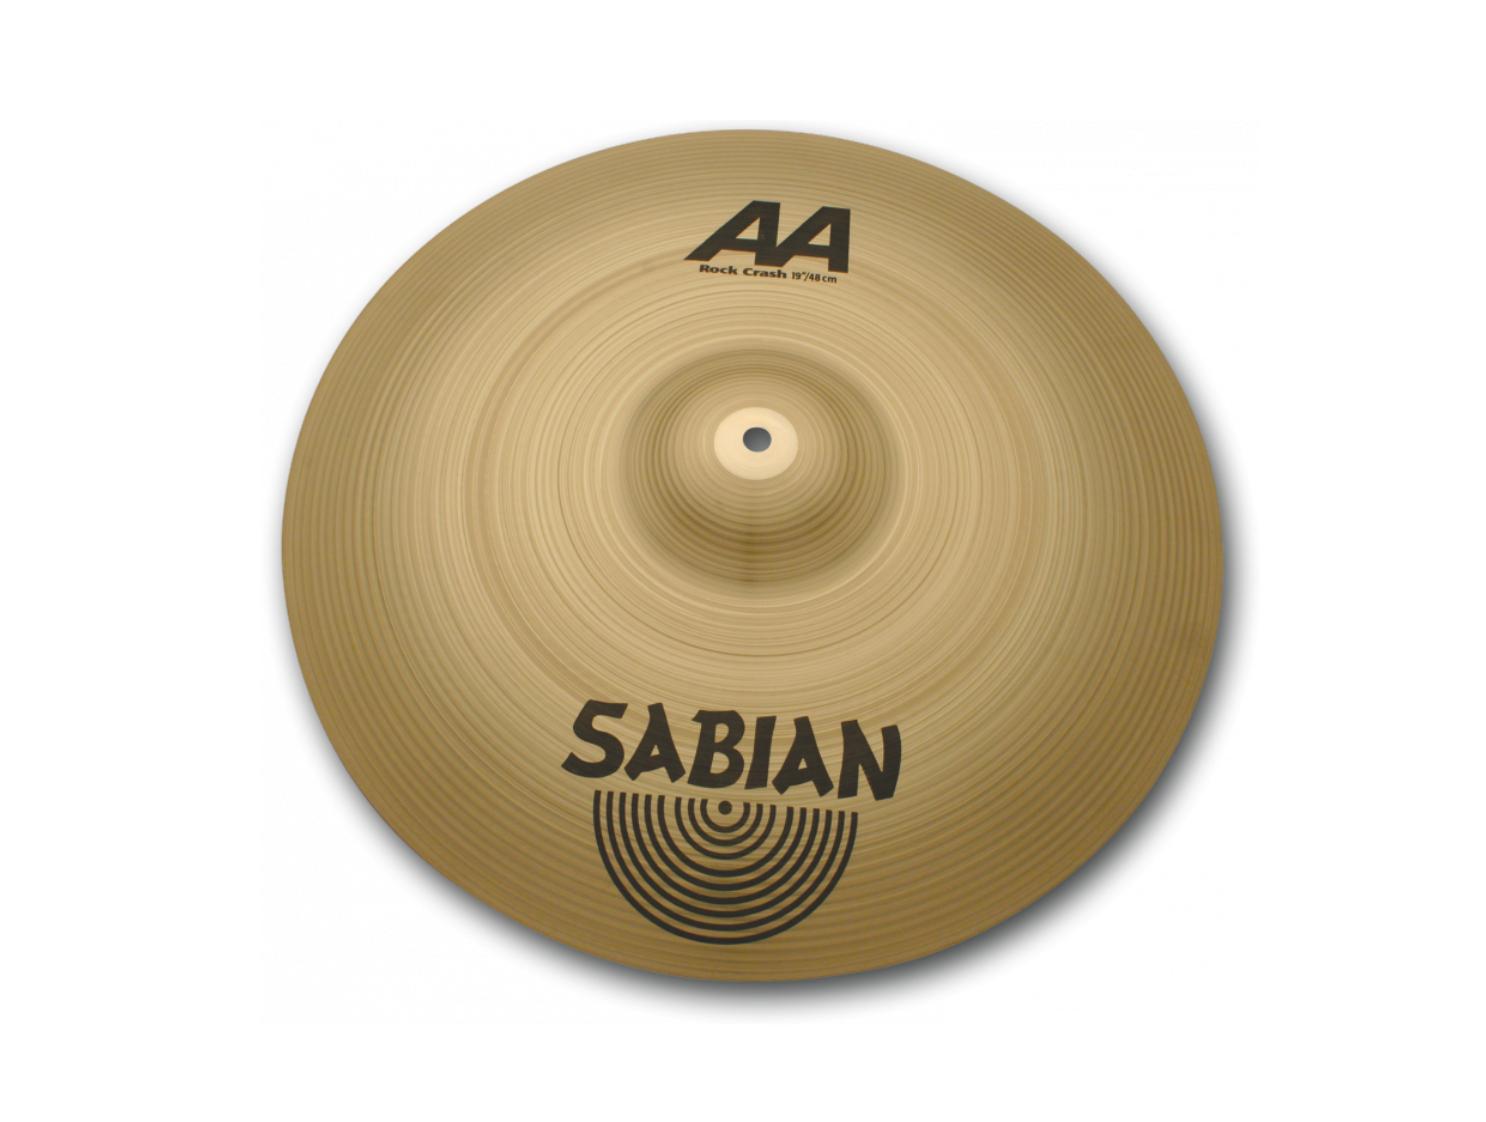 Sabian AA Rock Crash Cymbal 19